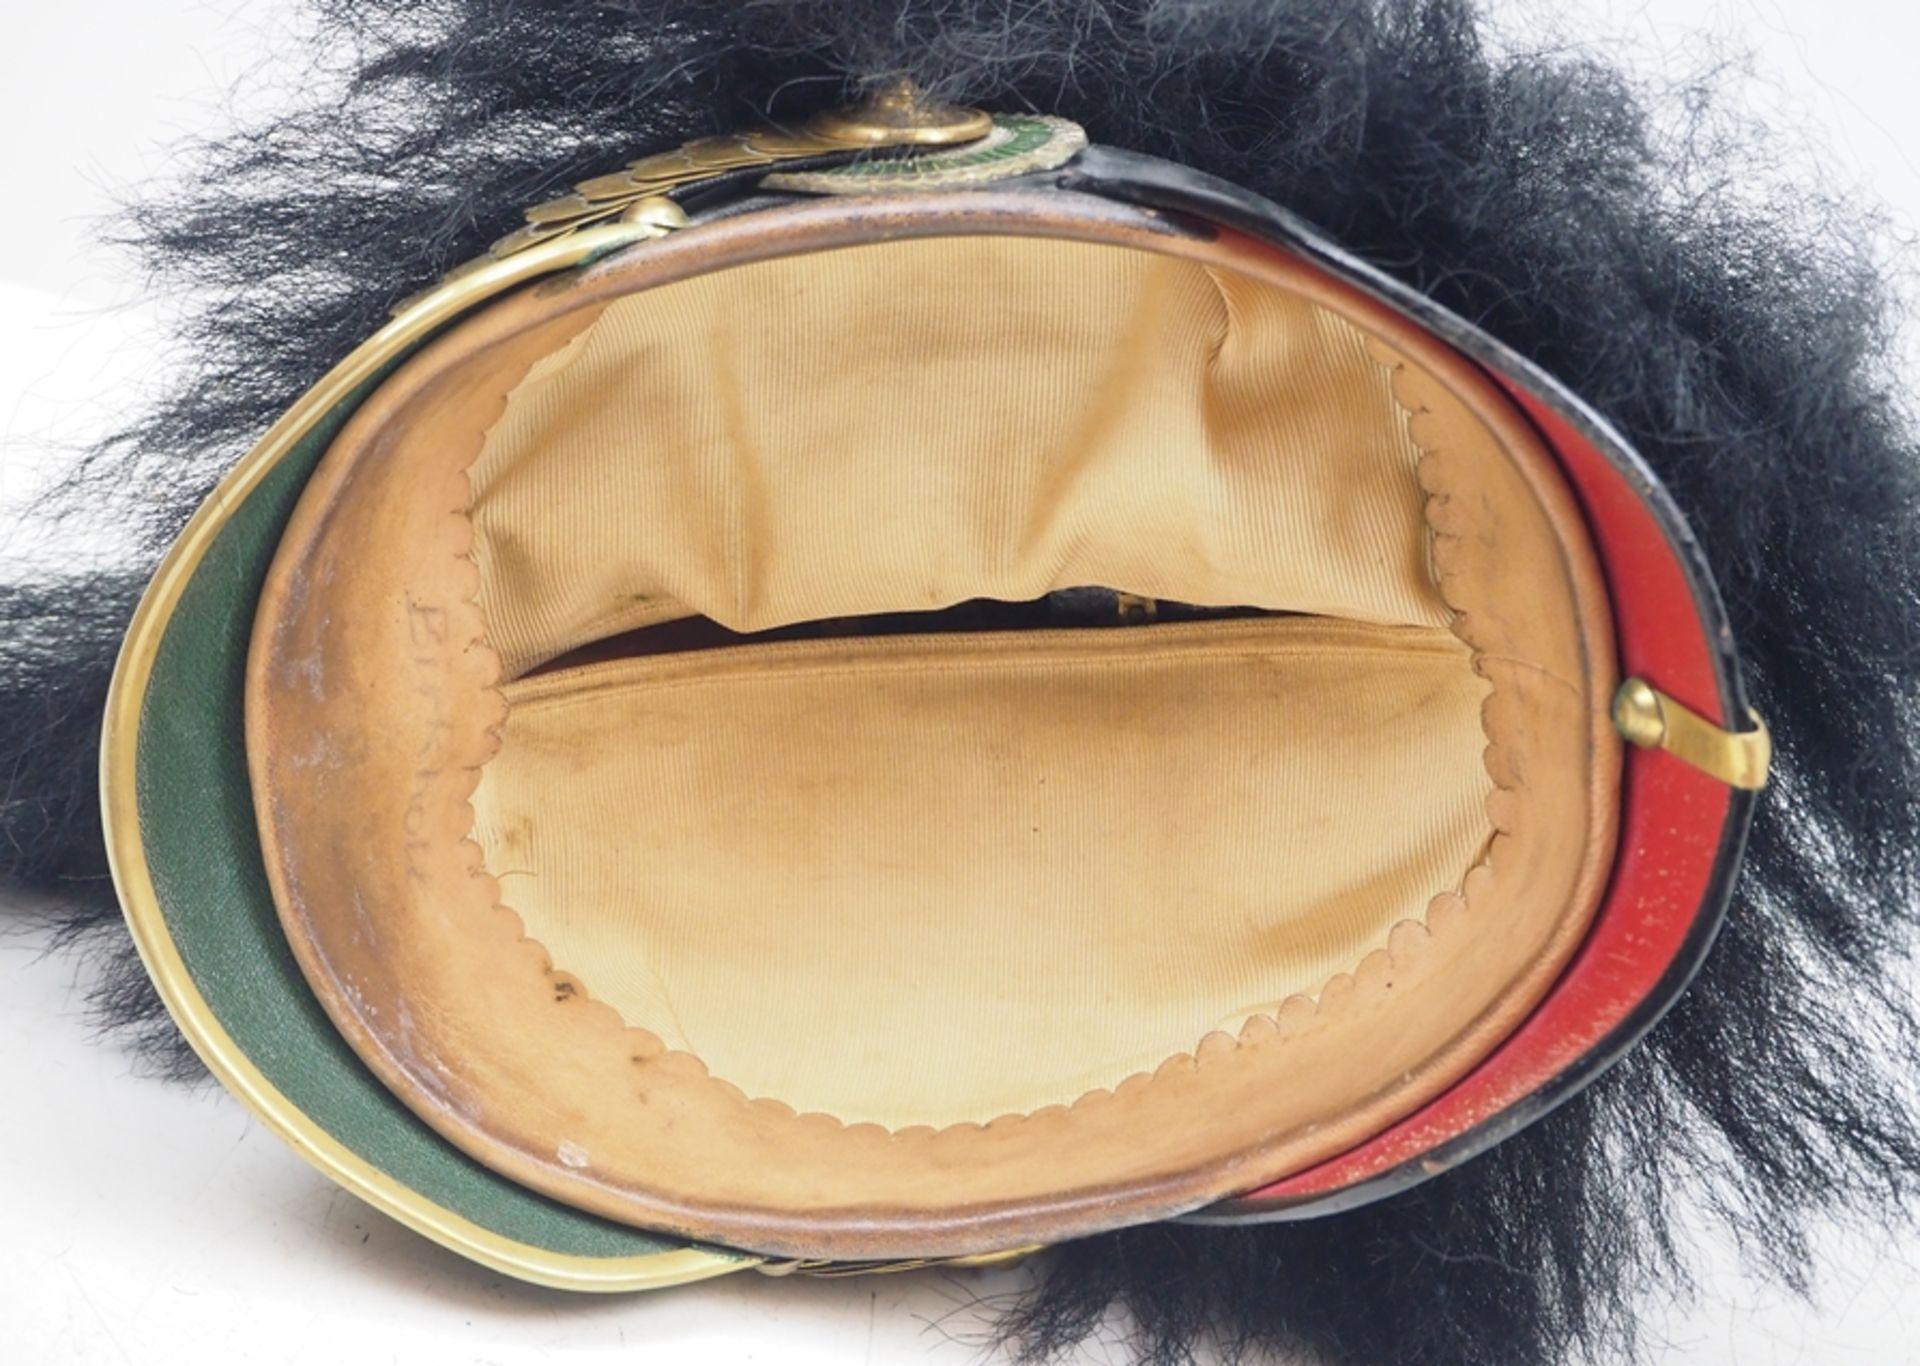 Sachsen: 2. Königlich Sächsisches Grenadier-Regiment Nr. 101, Helm für Offizier - Bild 5 aus 5